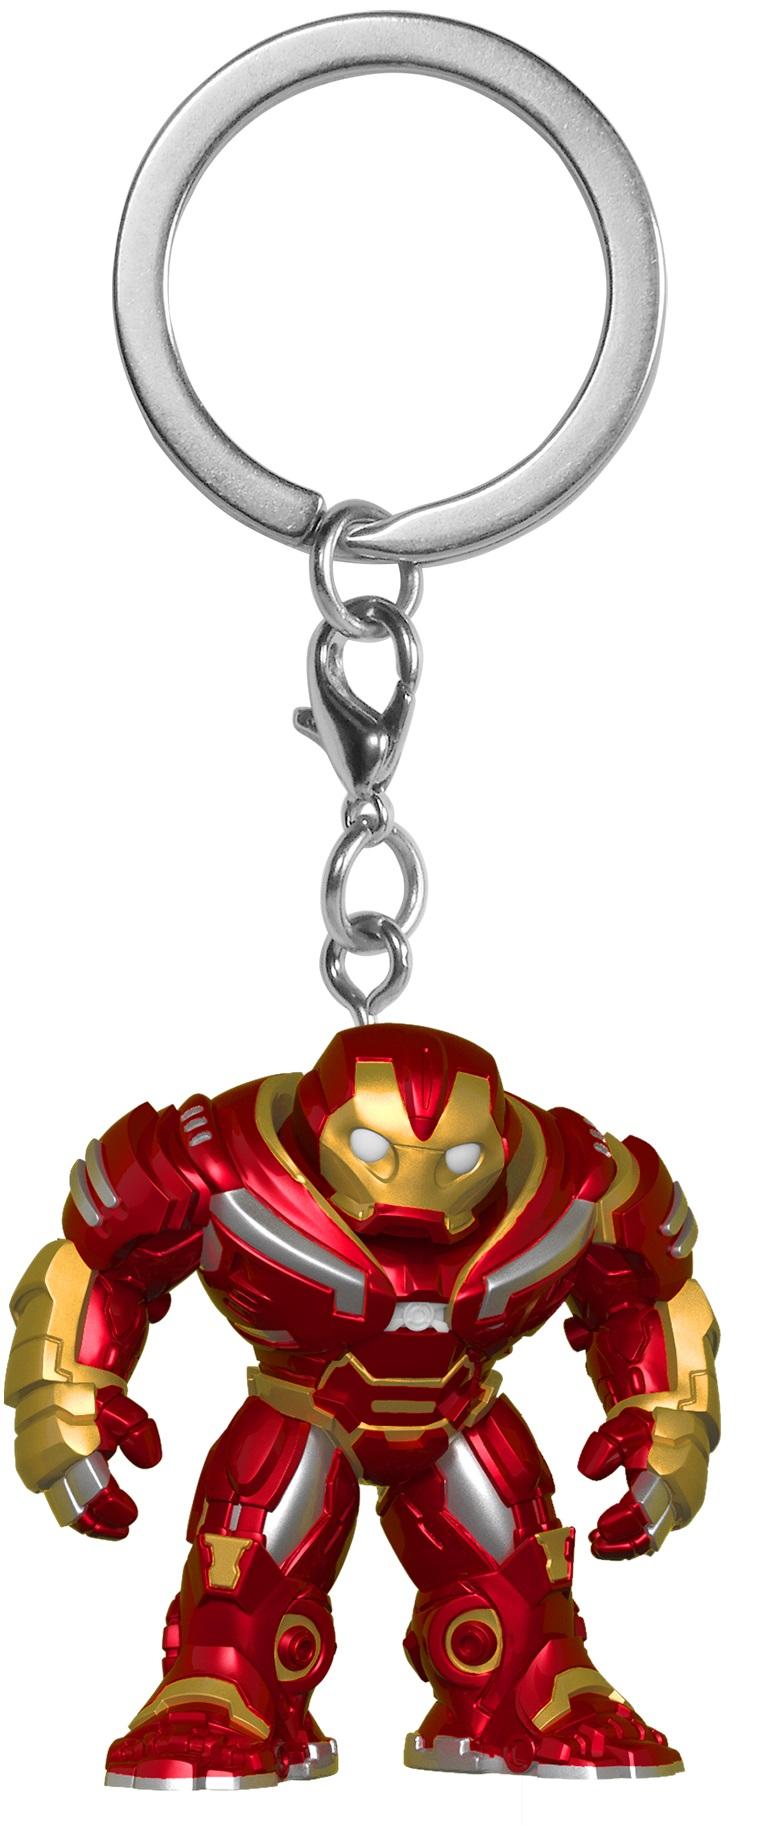 Брелок Avengers Infinity War Funko POP Marvel: HulkbusterAvengers Infinity War Funko POP Marvel: Hulkbuster создан по мотивам фантастического фильма режиссеров Энтони и Джо Руссо «Мстители: Война бесконечности».<br>